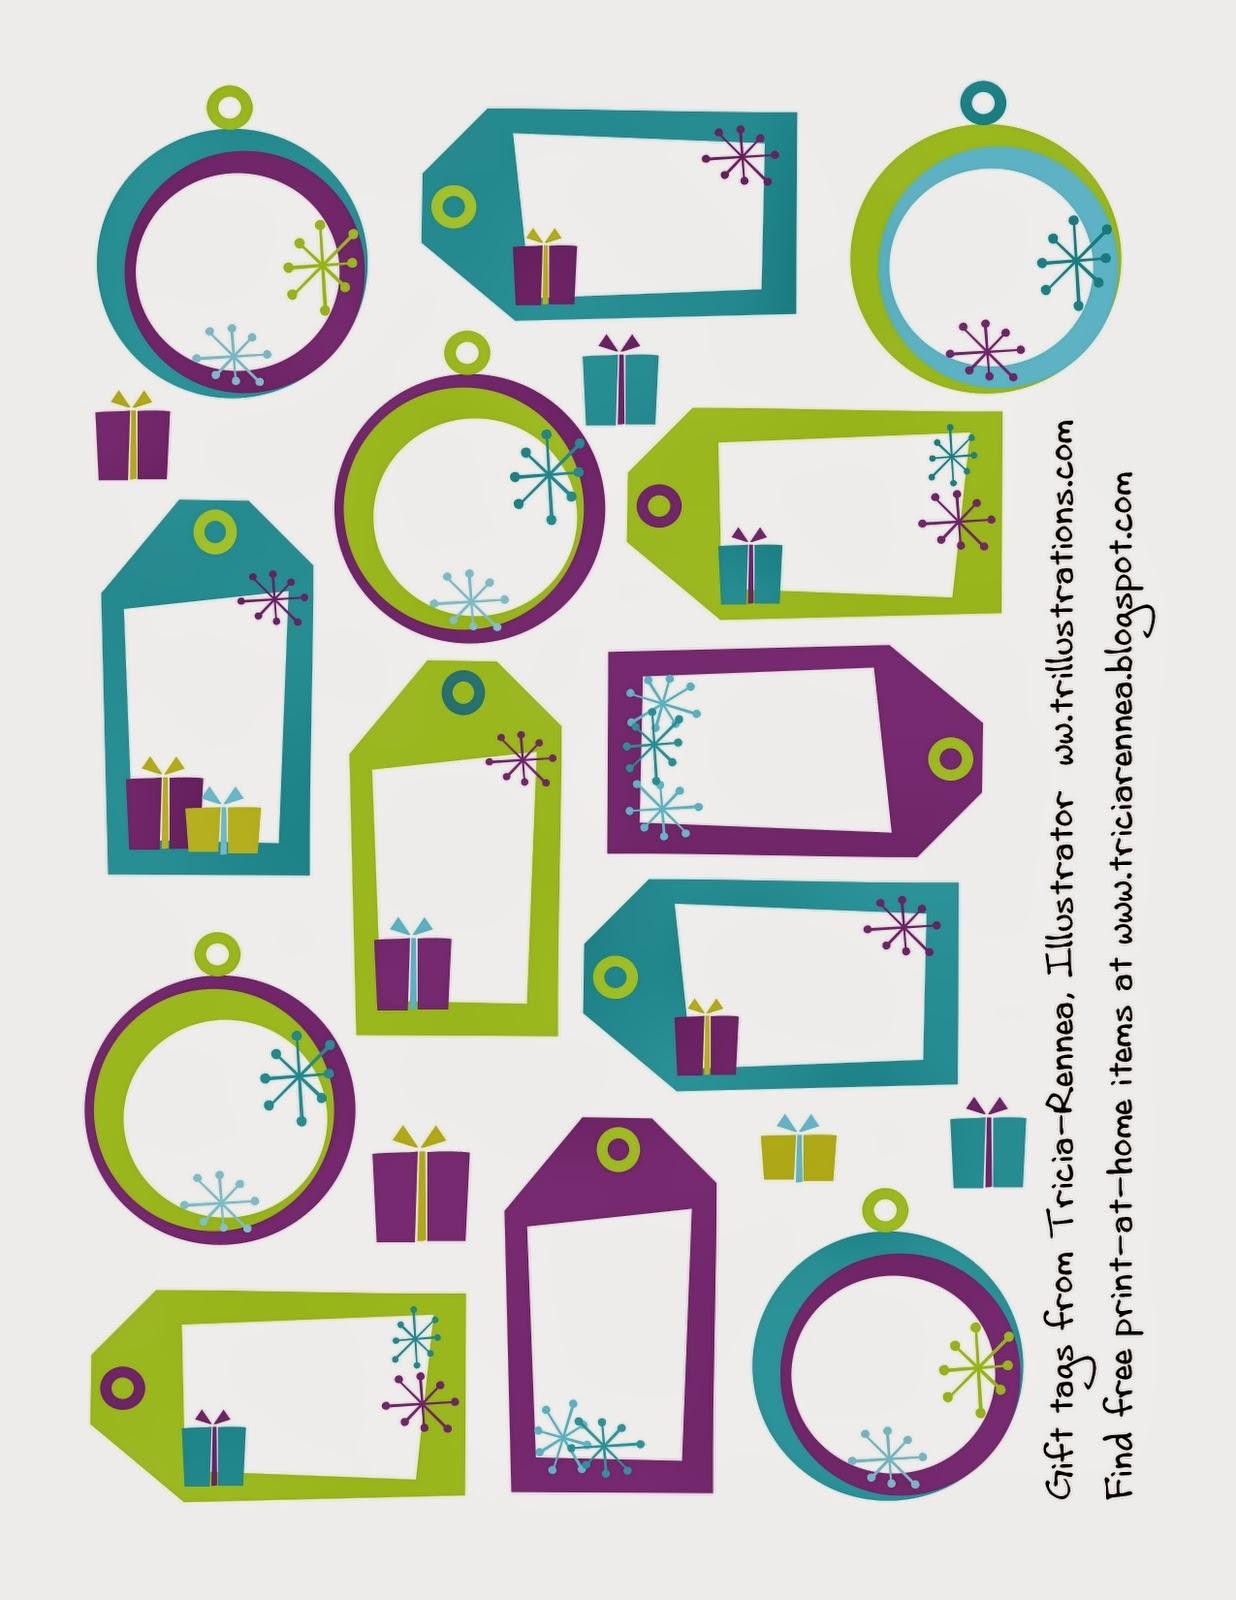 Imagenes De Navidad Para Imprimir Gratis. Dibujos Disney Navidad ...